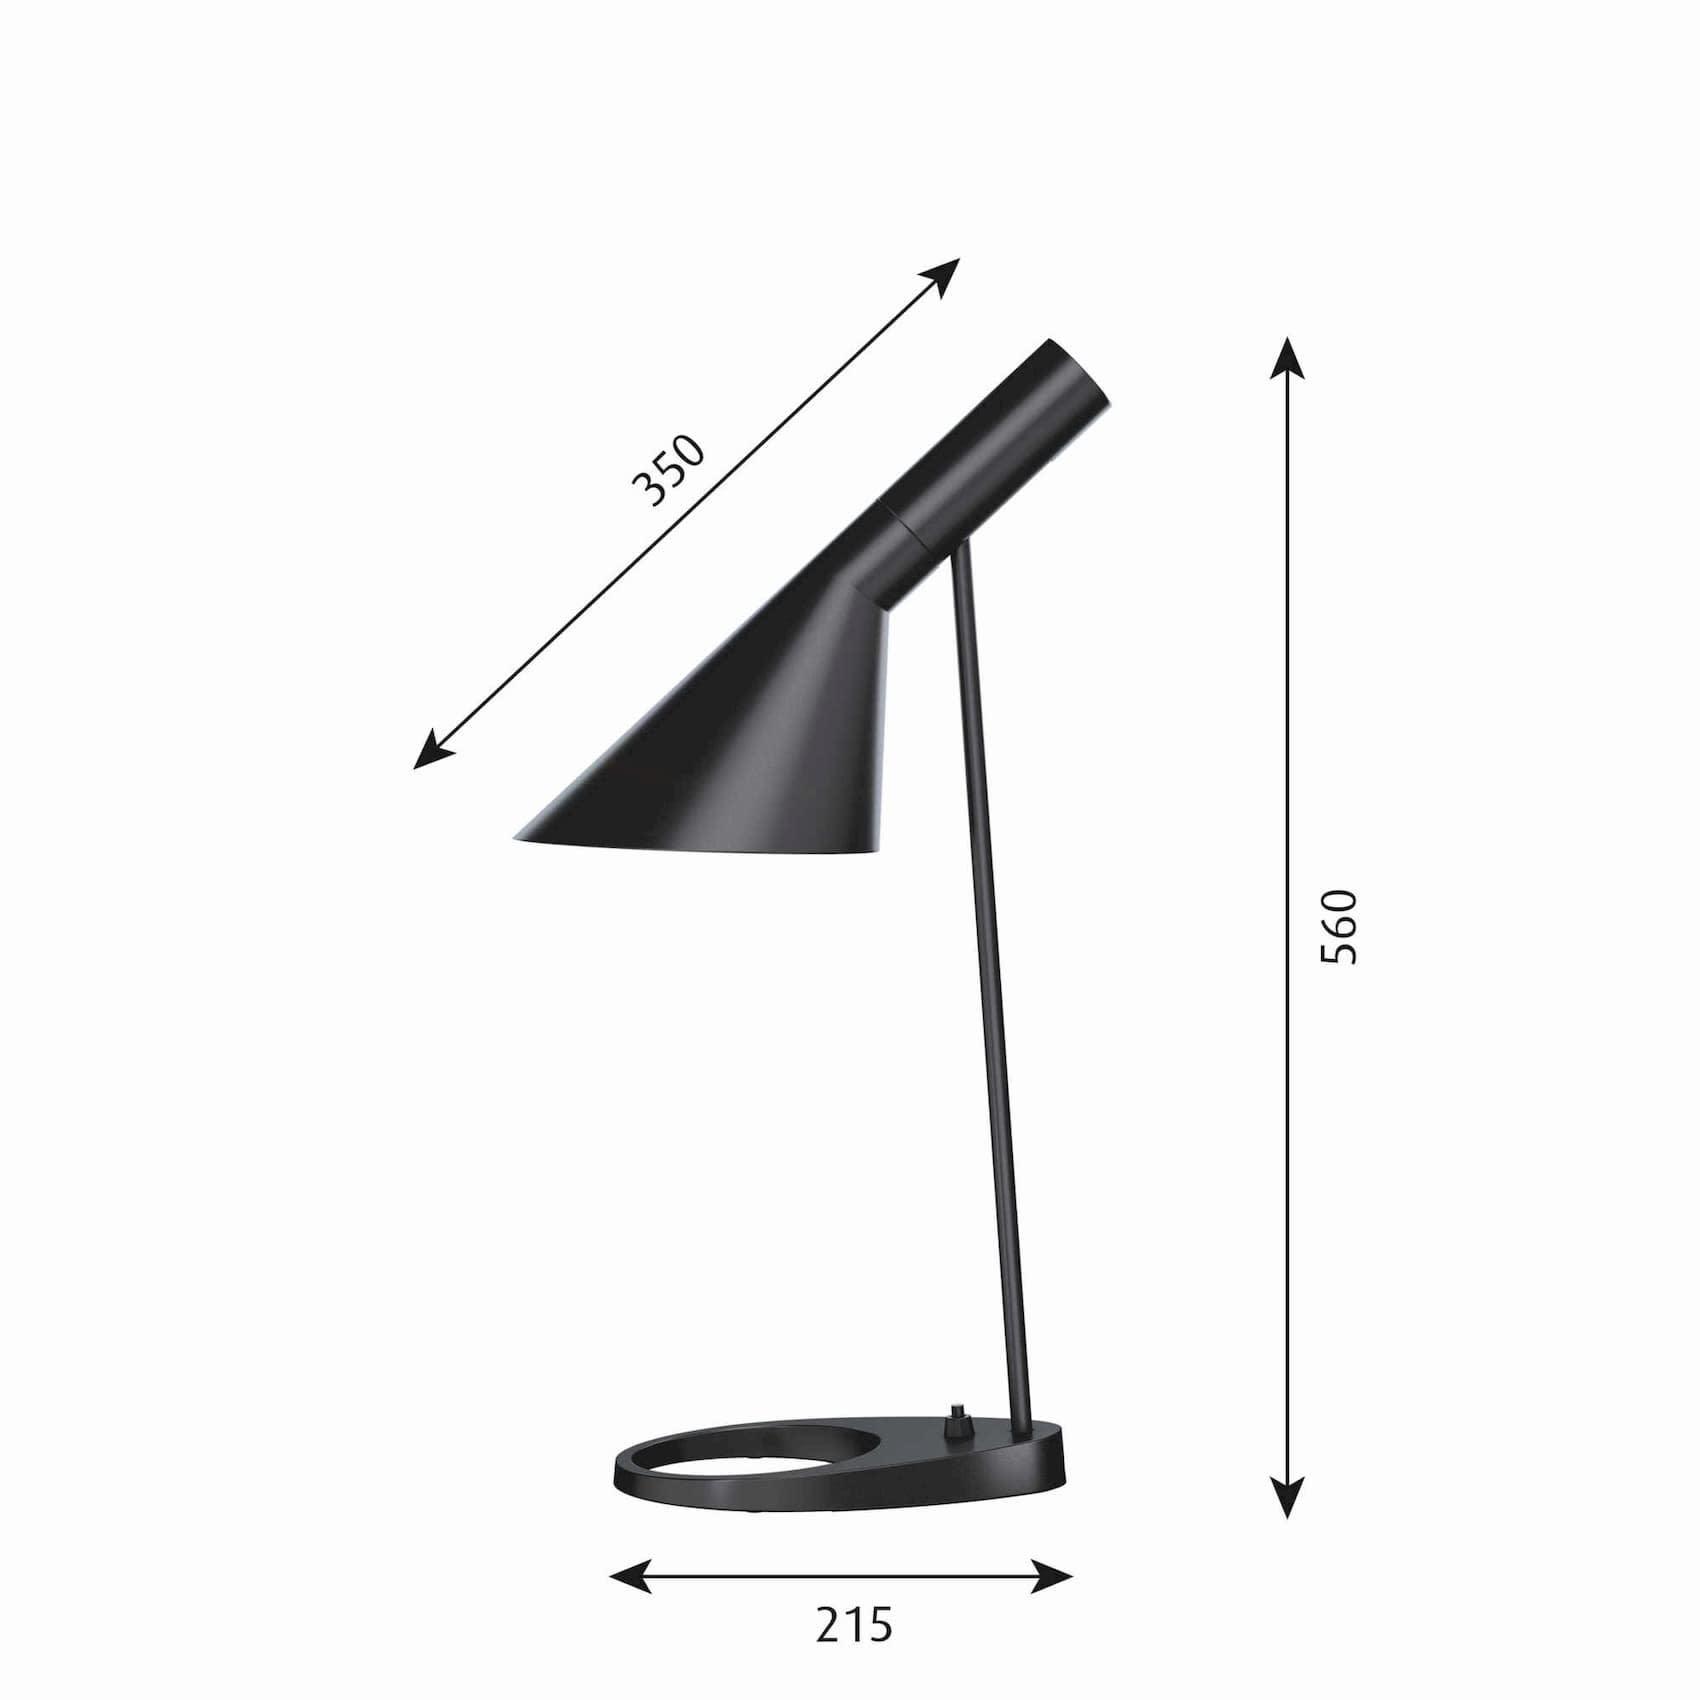 louis-poulsen-aj-table-lamp-dimensions